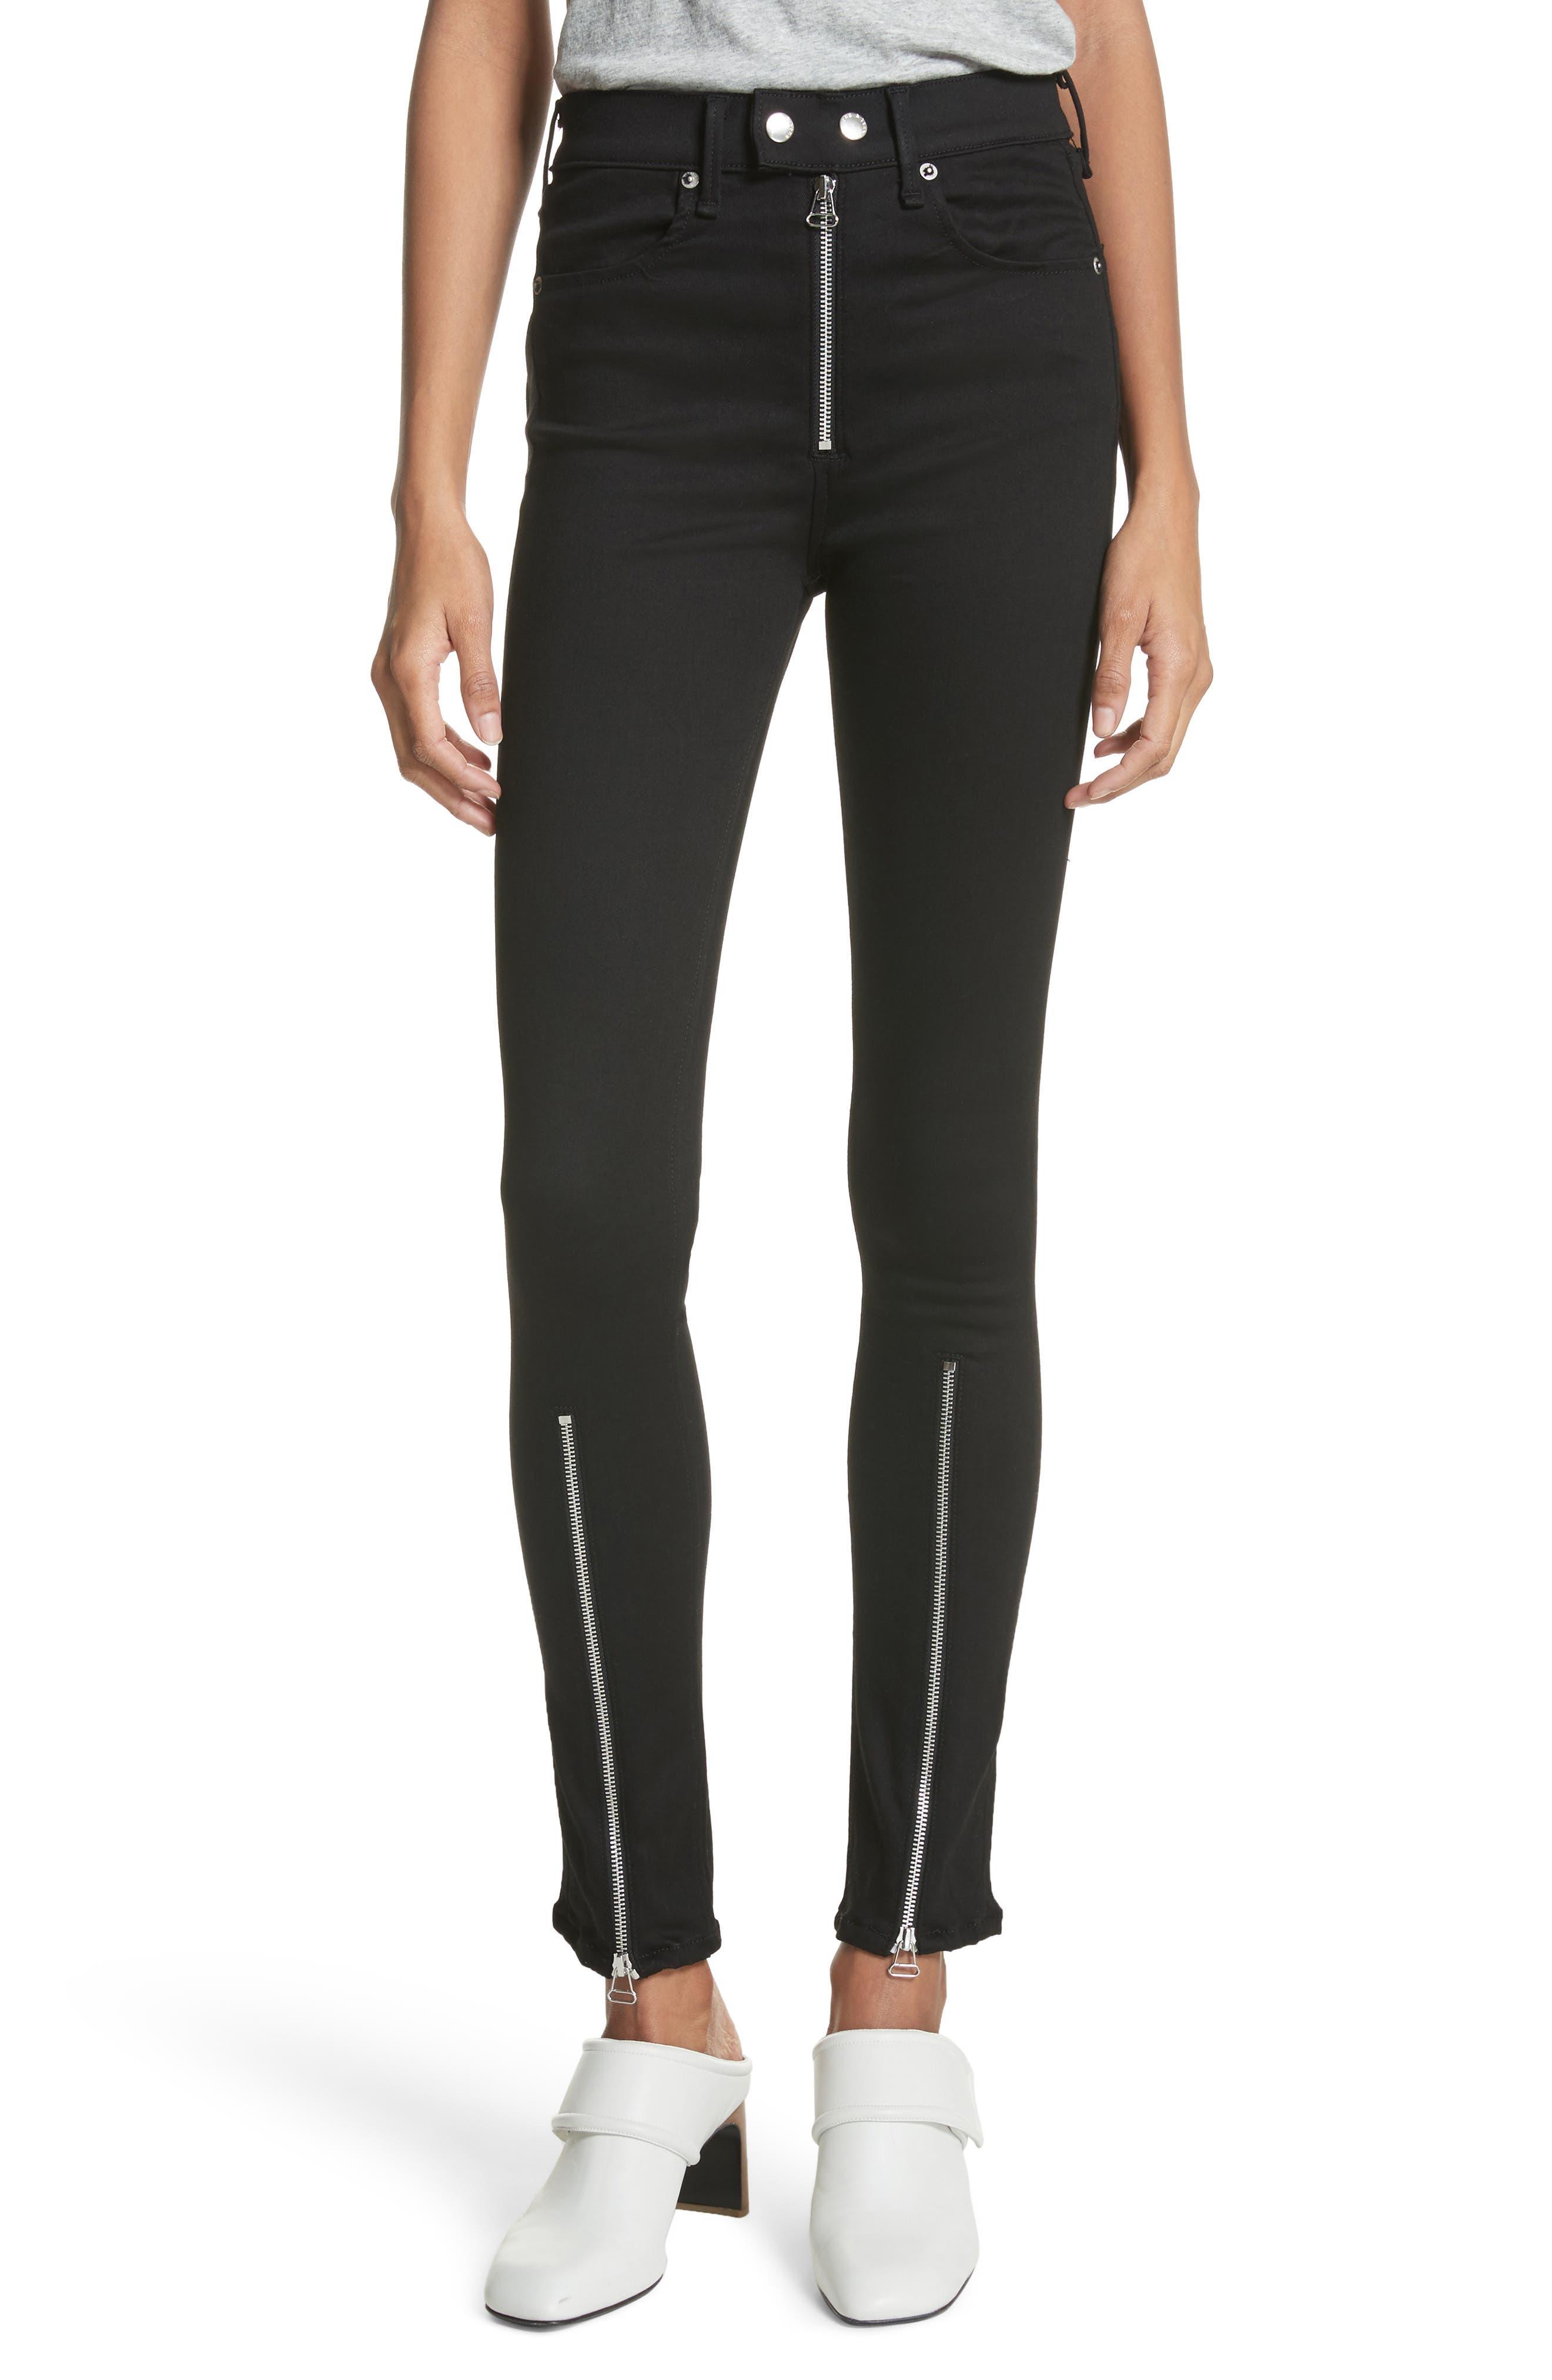 Isabel High Waist Skinny Jeans,                         Main,                         color, Black